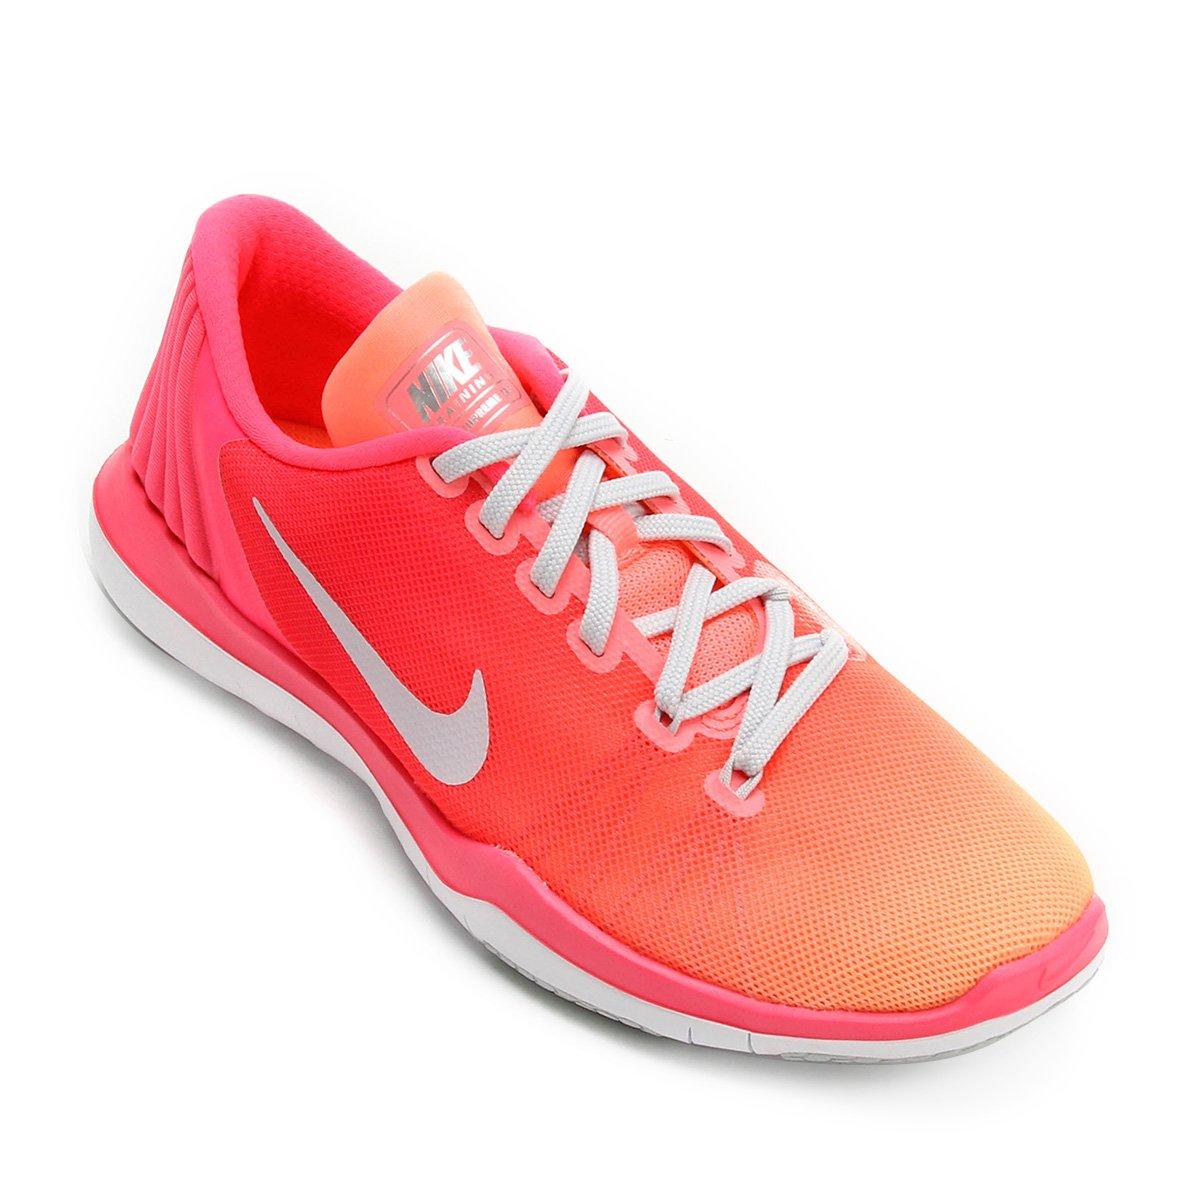 af5052a6c Tênis Nike Flex Supreme Tr 5 Fade Feminino - Compre Agora